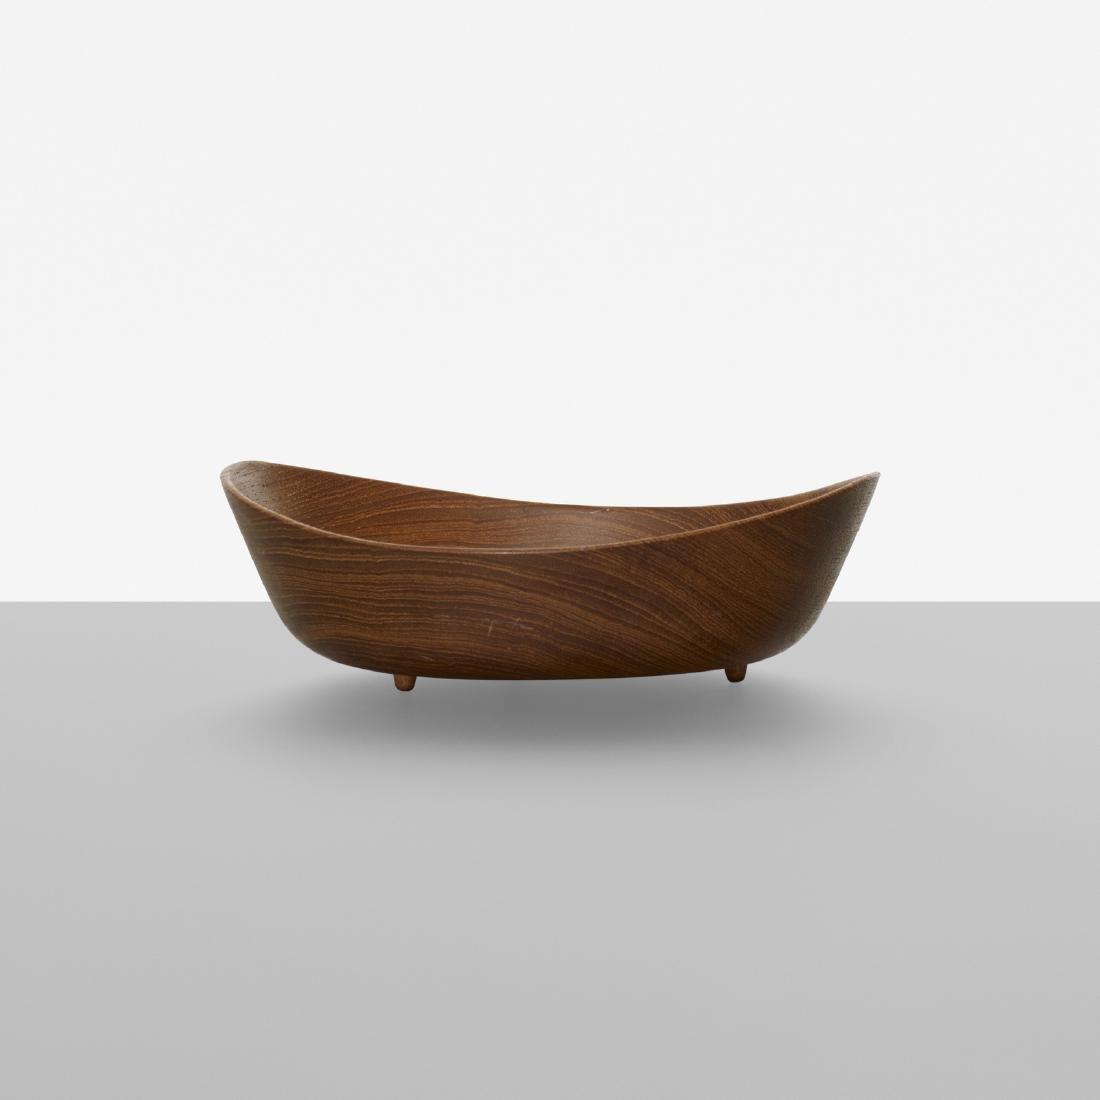 Finn Juhl, bowl